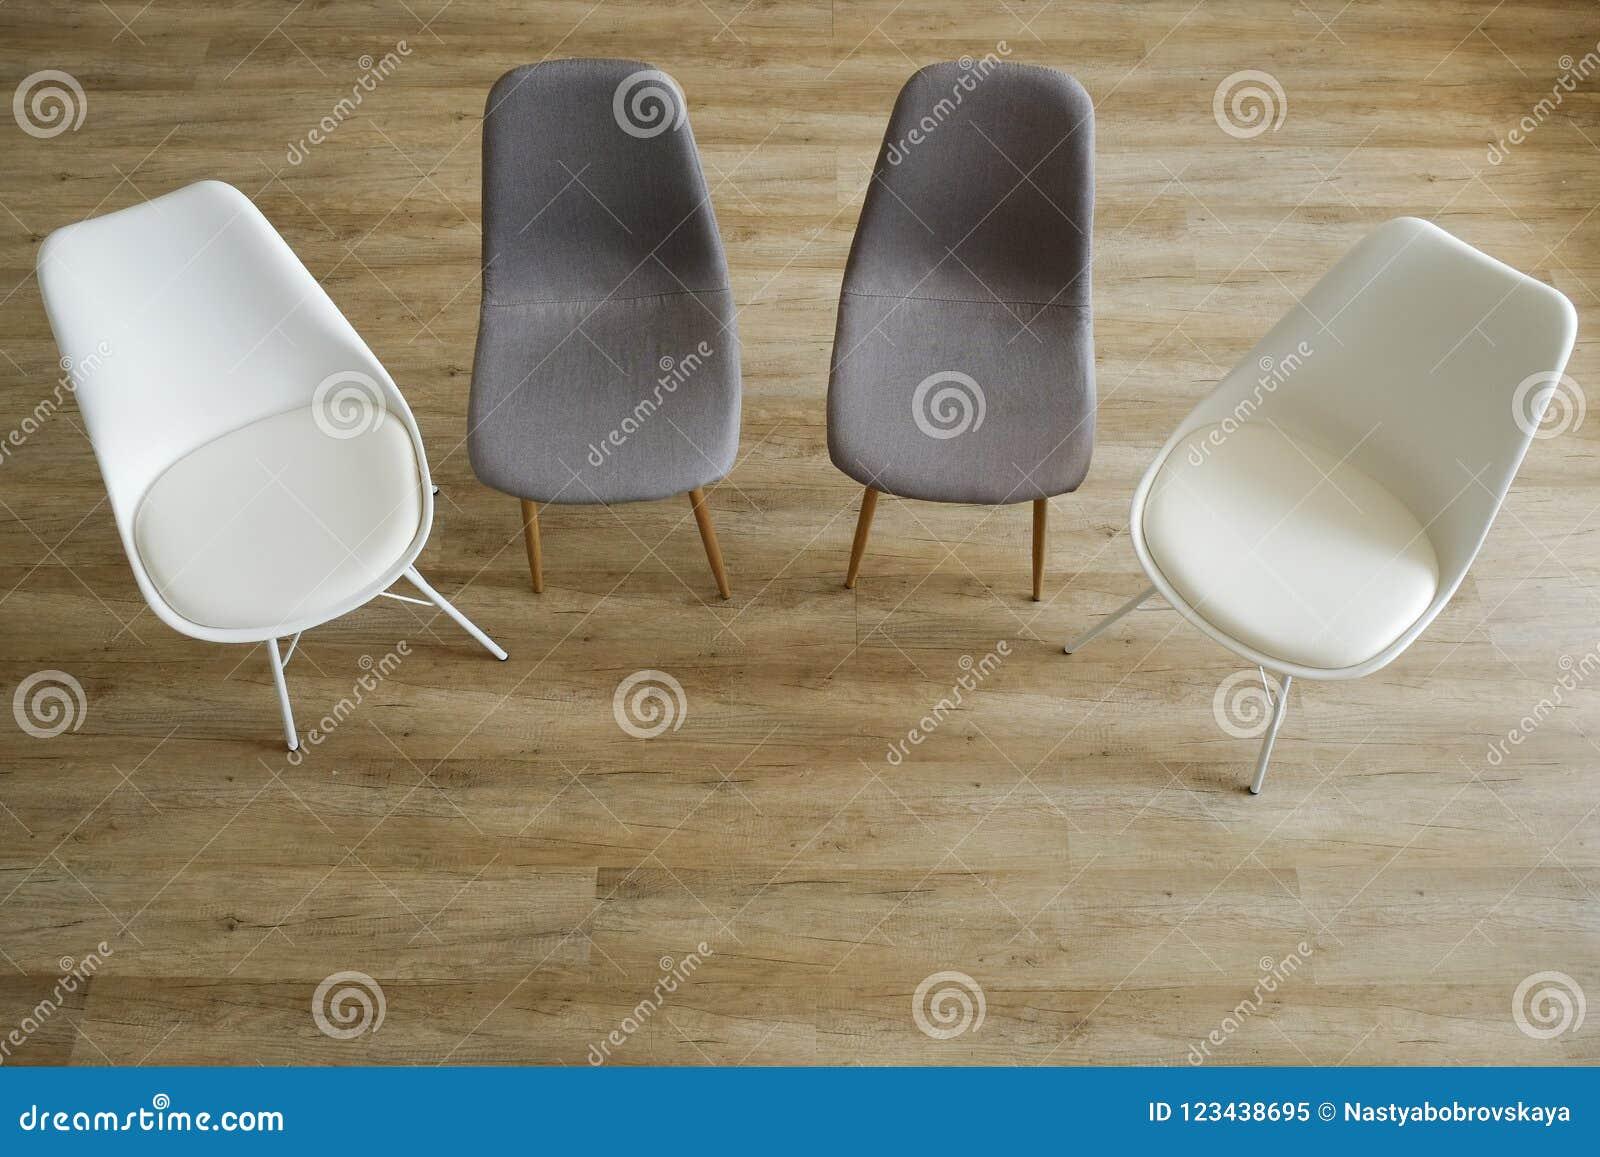 Le Sedie Vuote.Sedie Vuote Concetto Di Posizione Di Lavoro Libero La Stanza